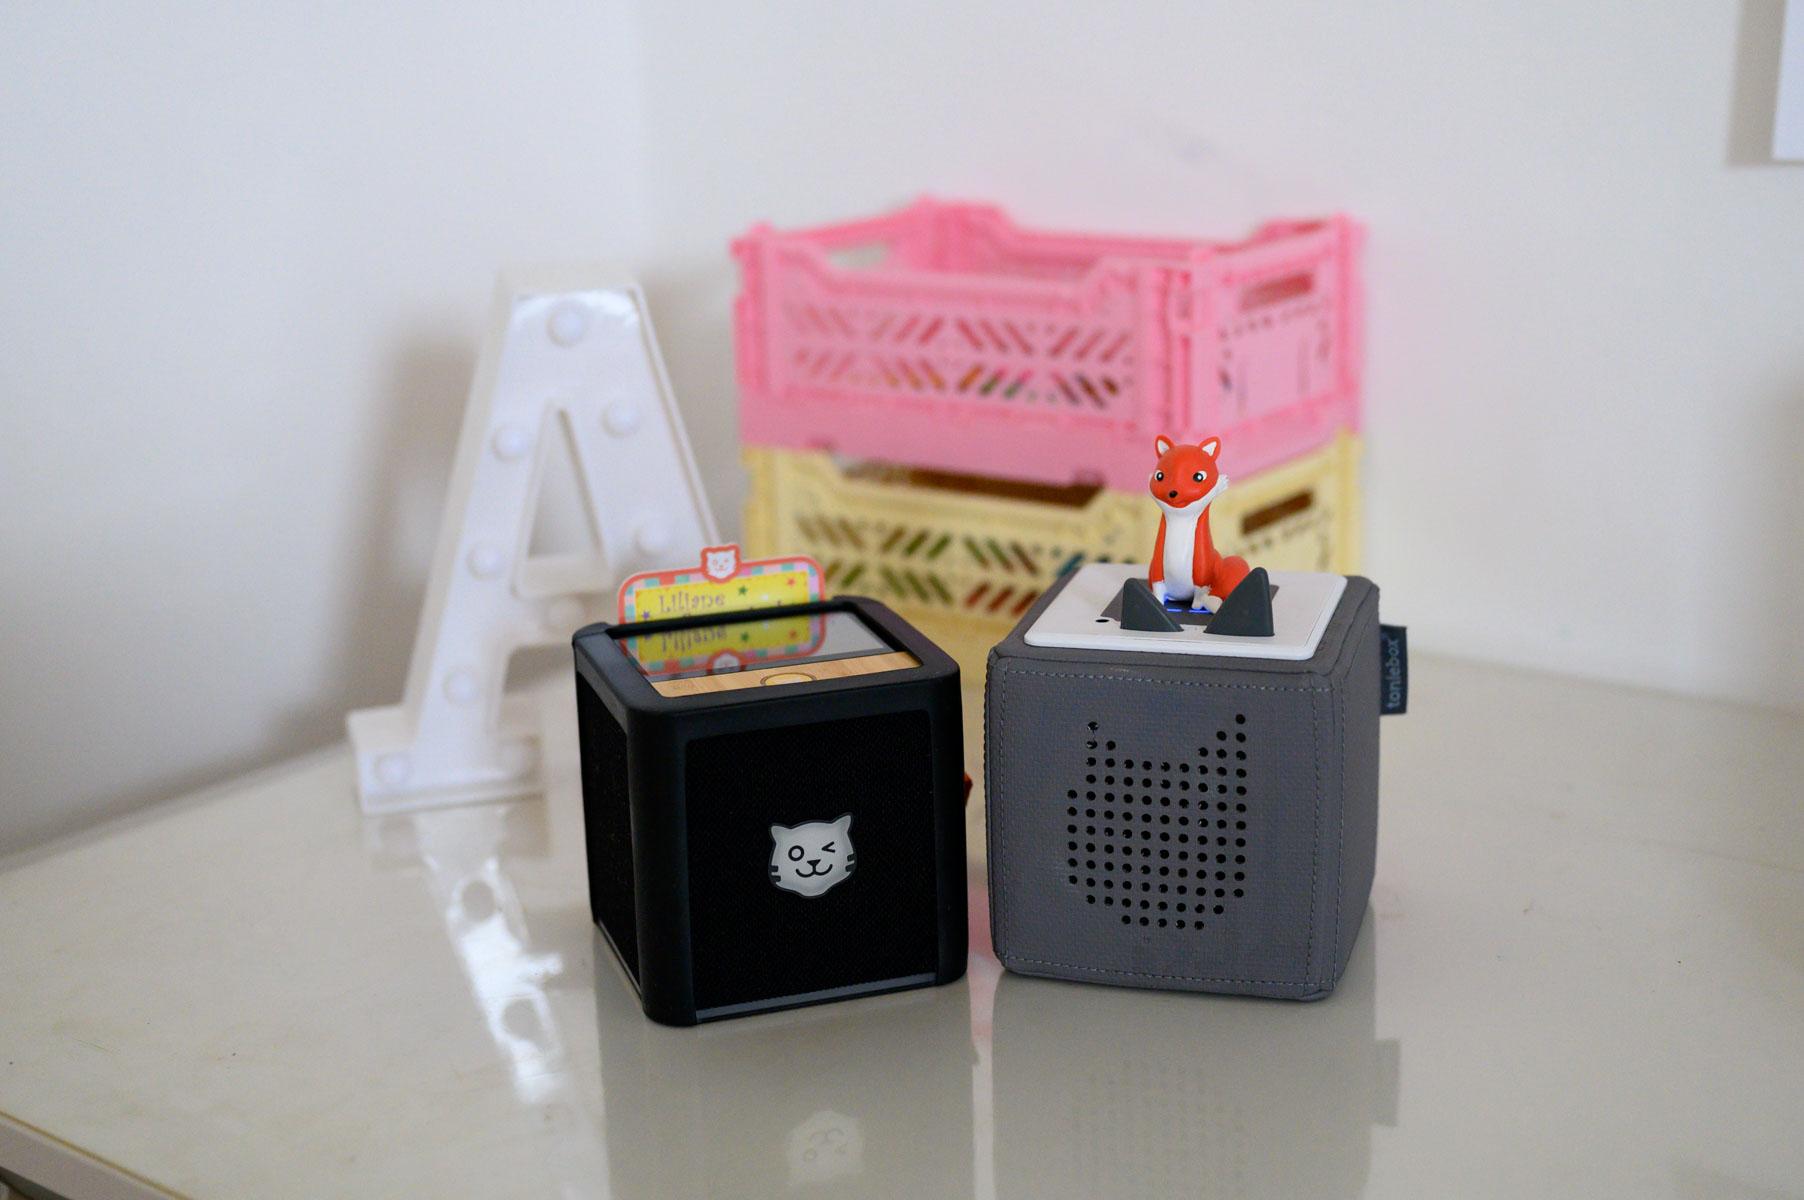 toniebox altersempfehlung